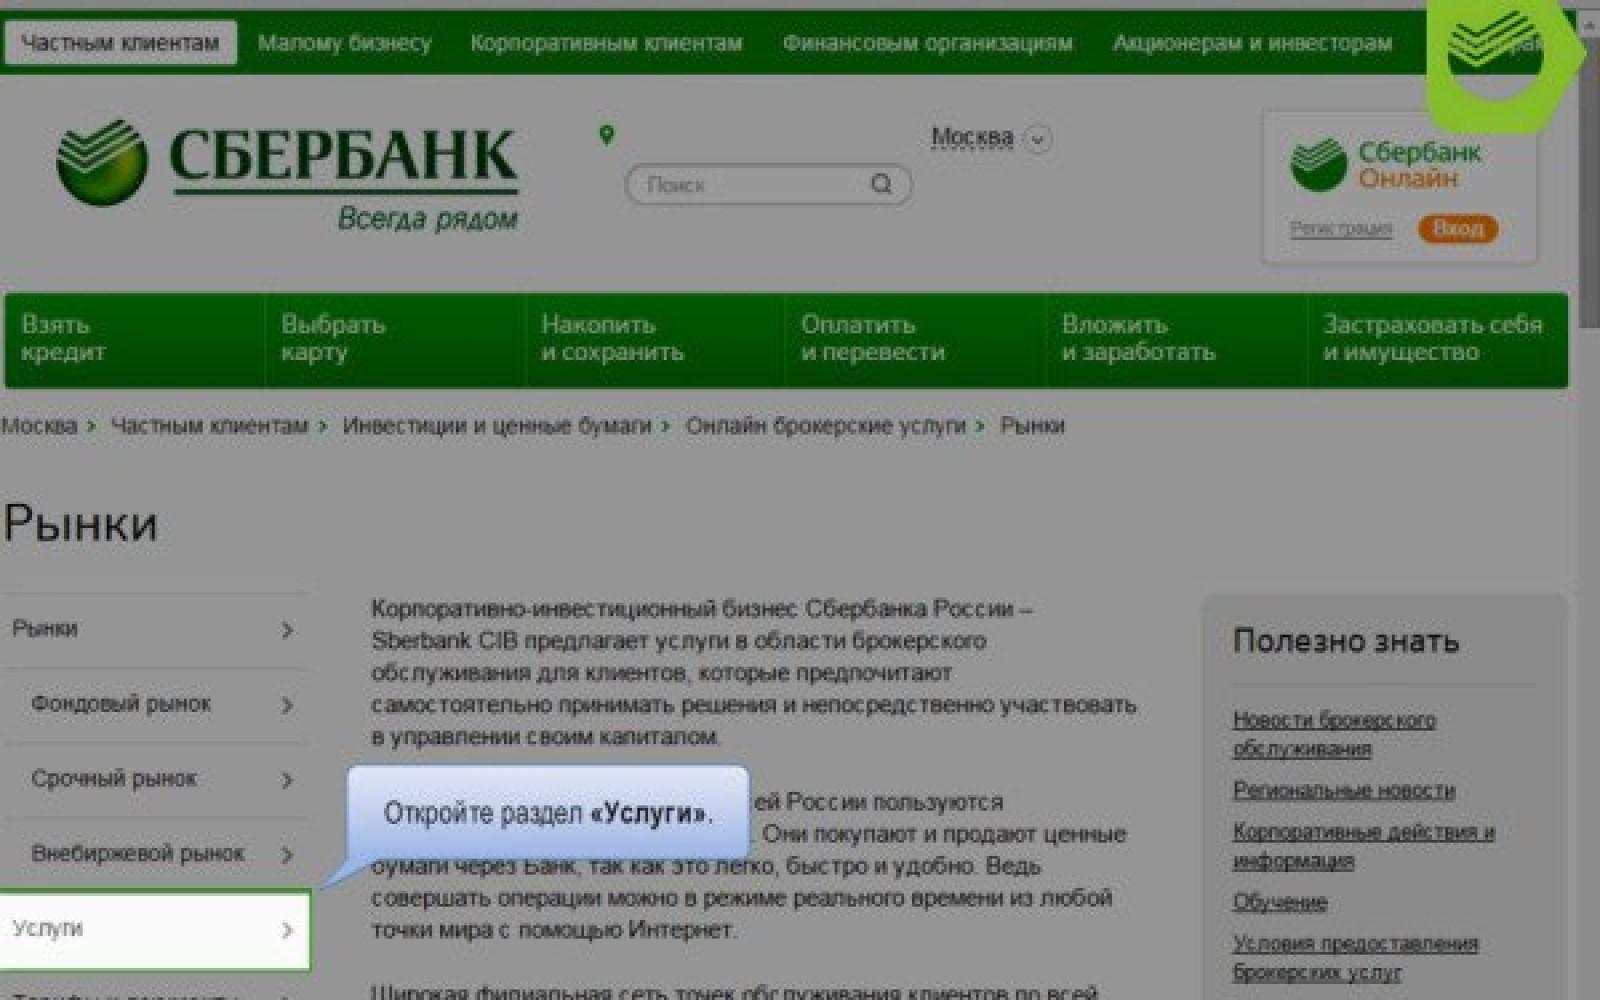 Купить акции Газпрома физическому лицу в Сбербанке 5